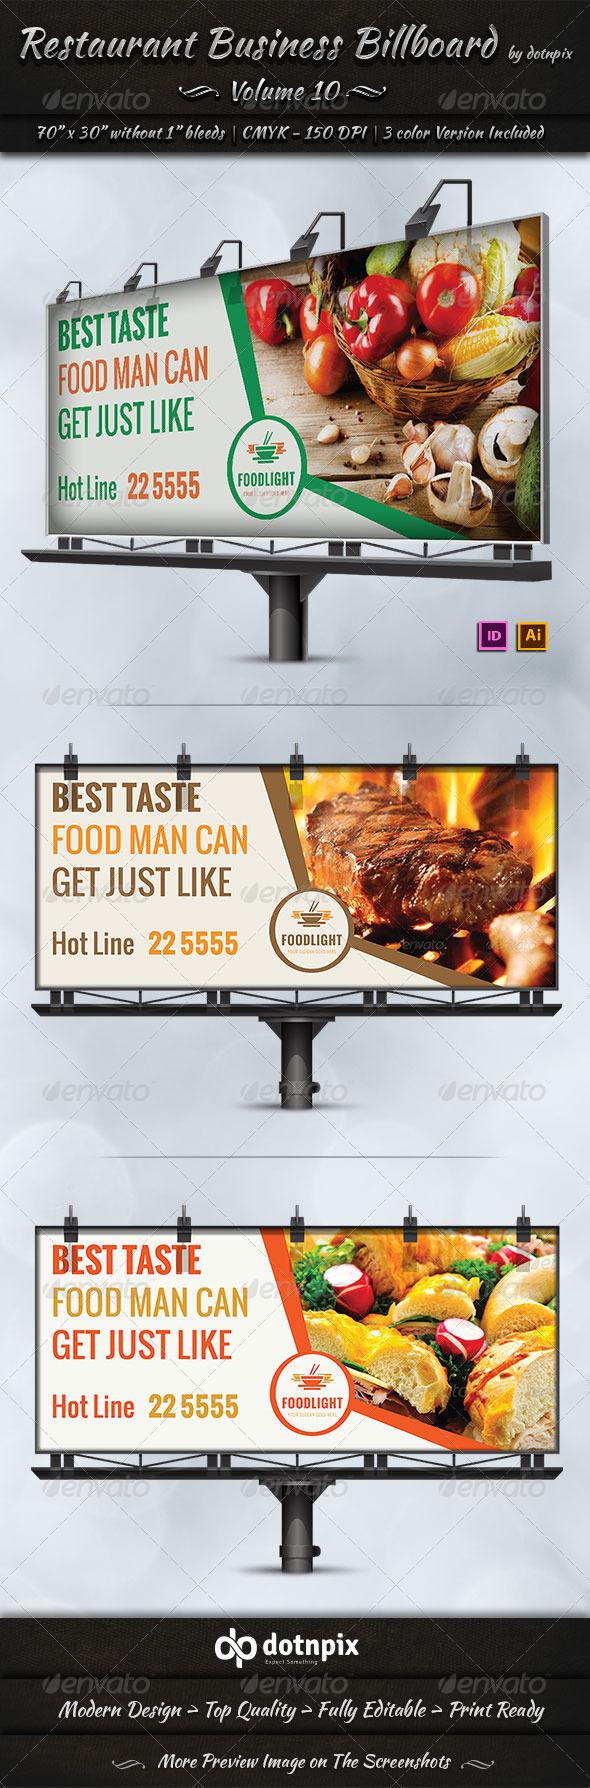 GraphicRiver Restaurant Business Billboard Volume 10 7998386